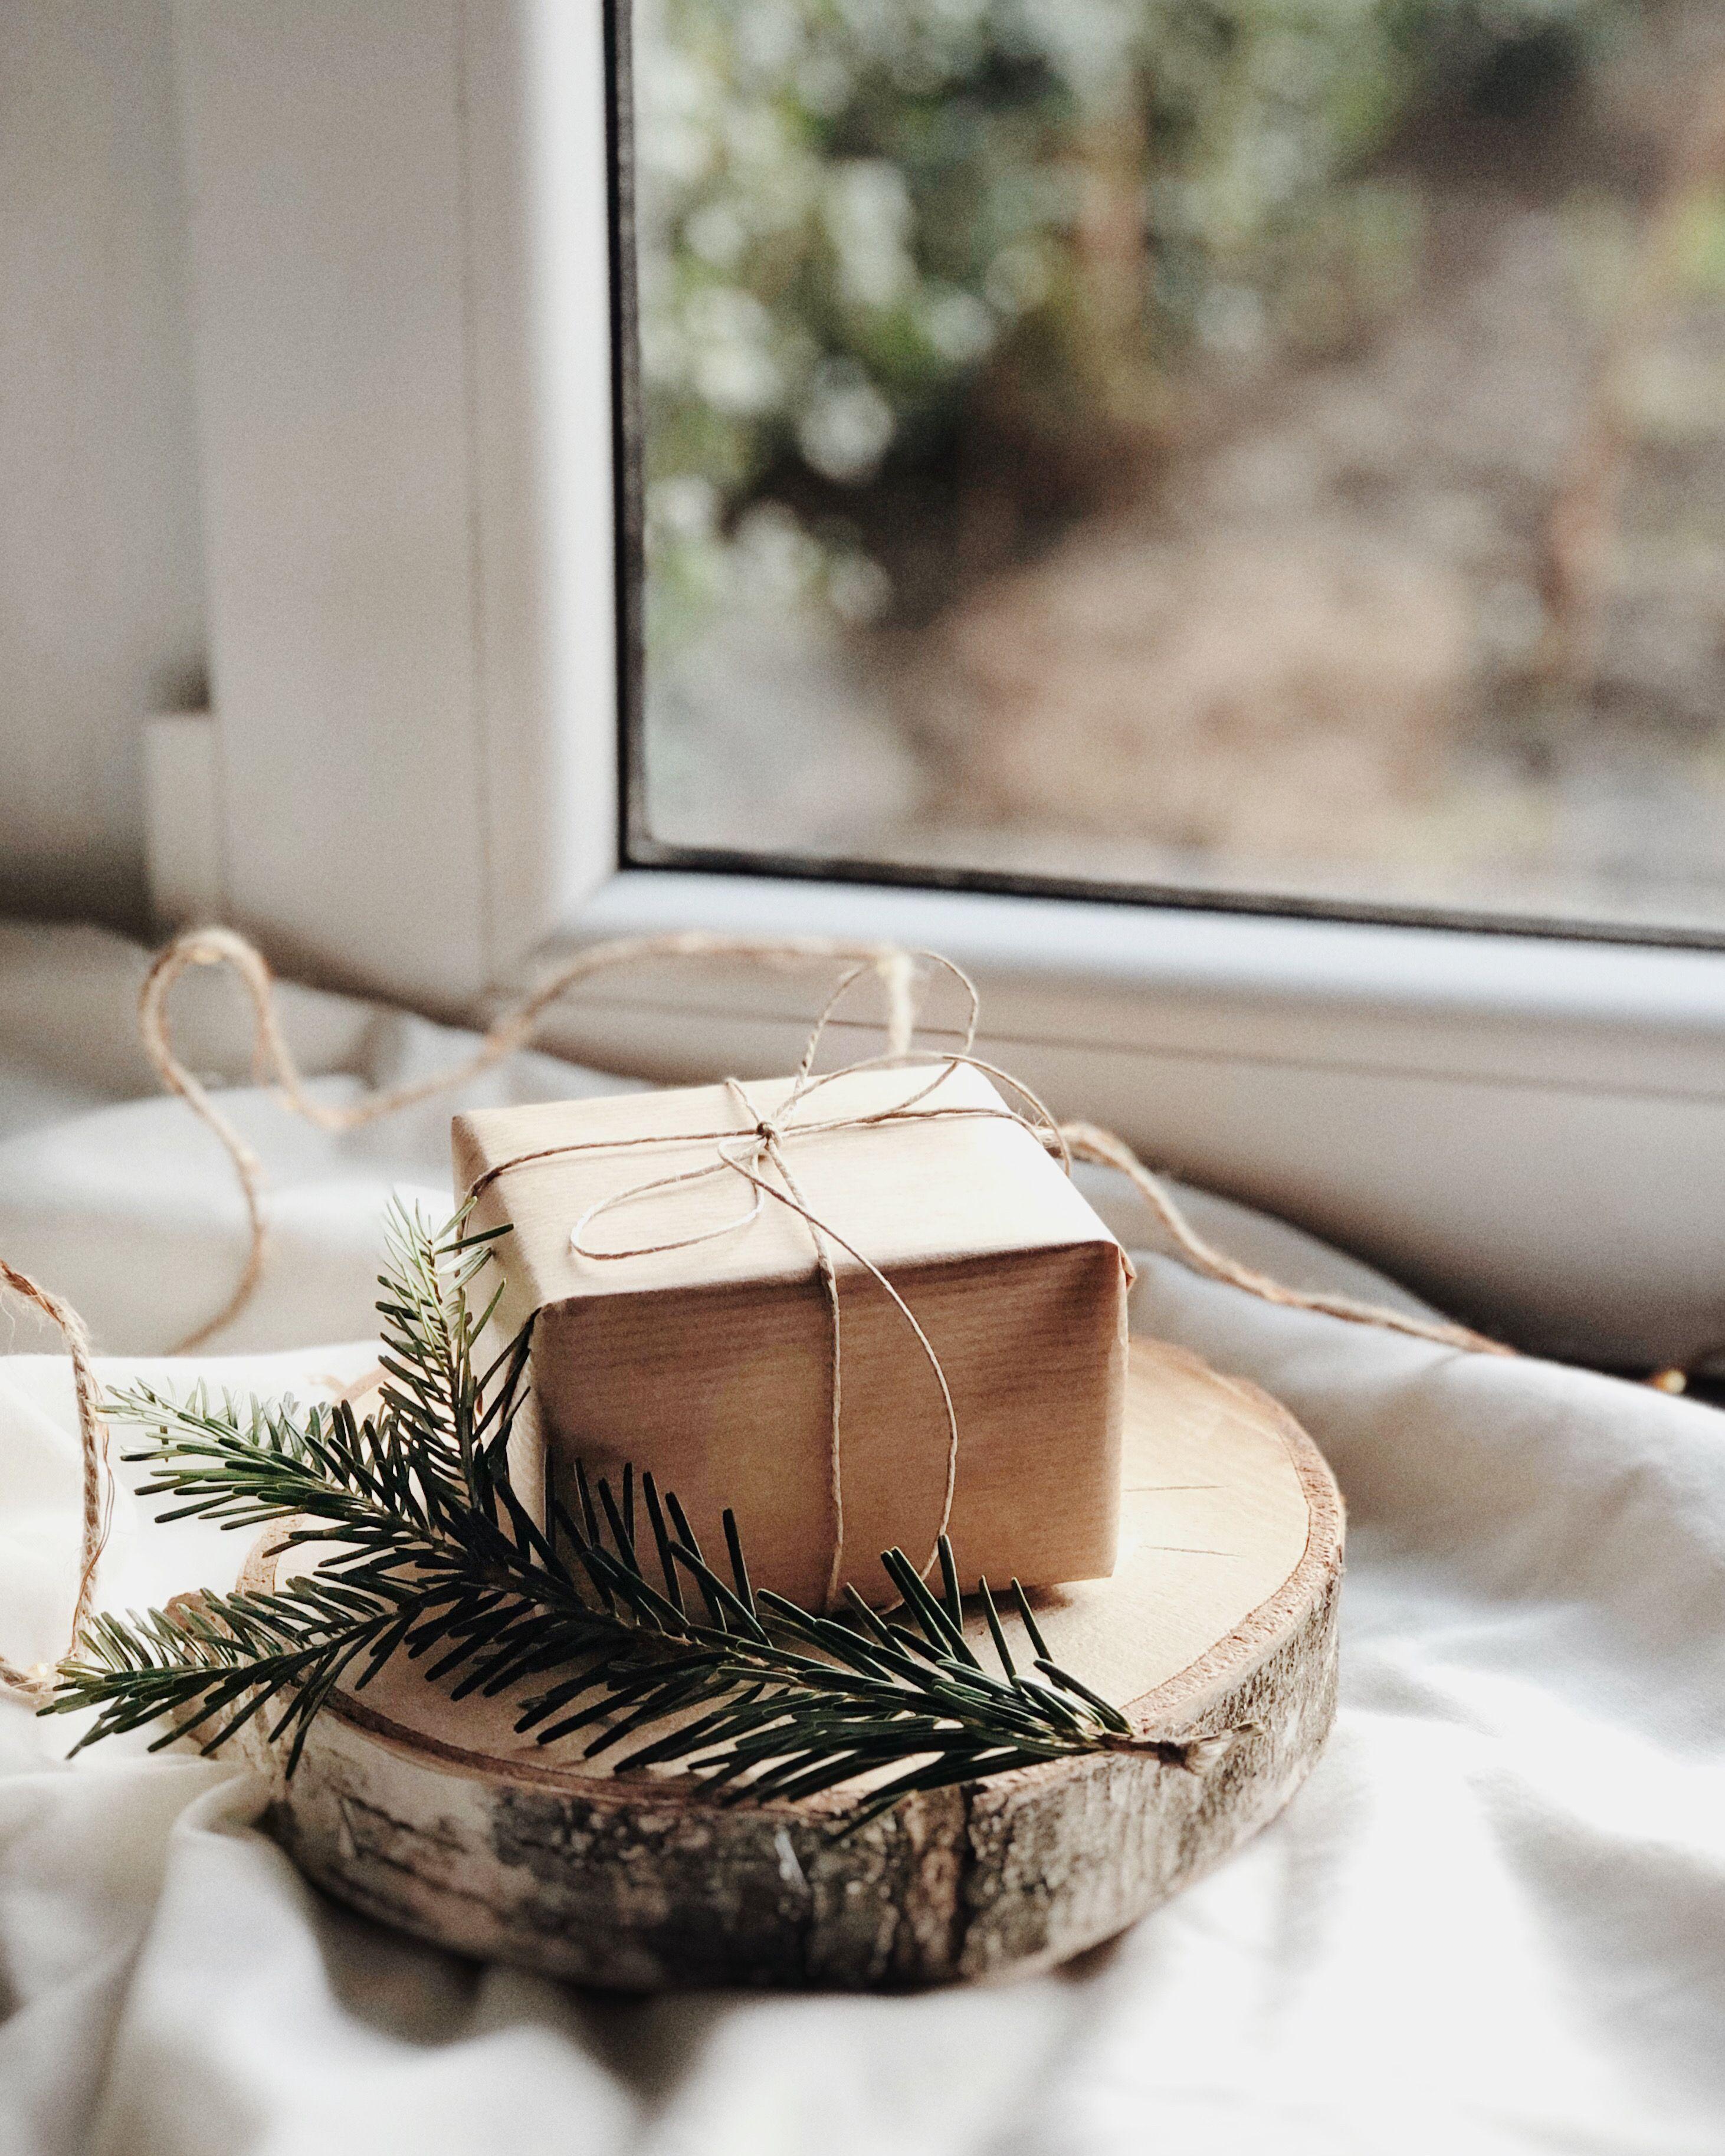 Fotografia produktowa - Aranżowane zdjęcia produktowe | Voska Studio --- Christmas gift / boho gift / boho style / window